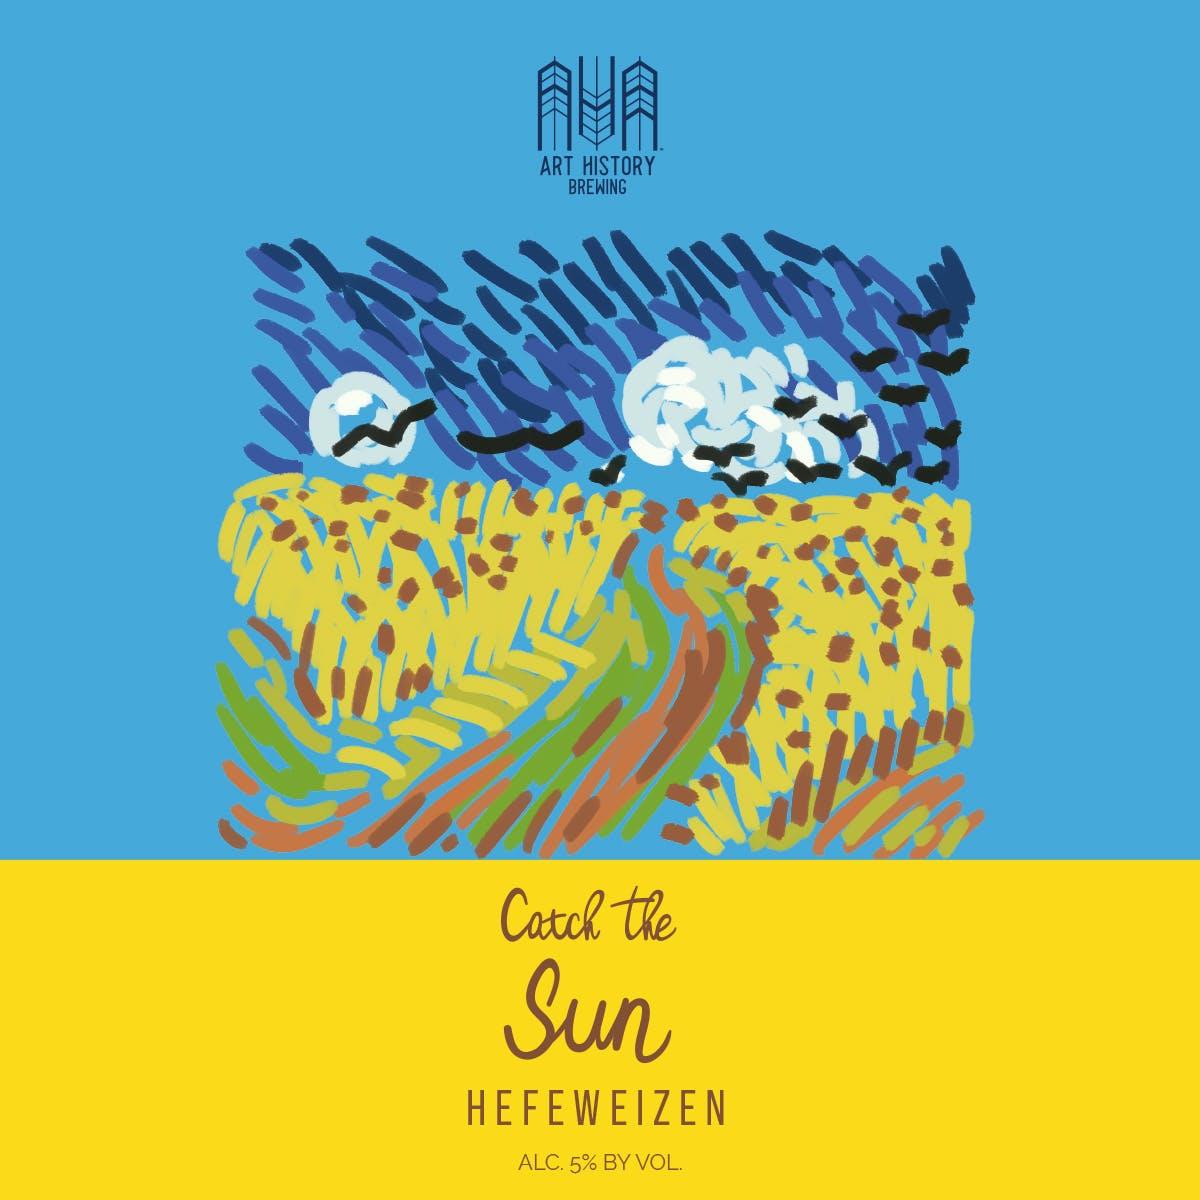 Sun Beer Label